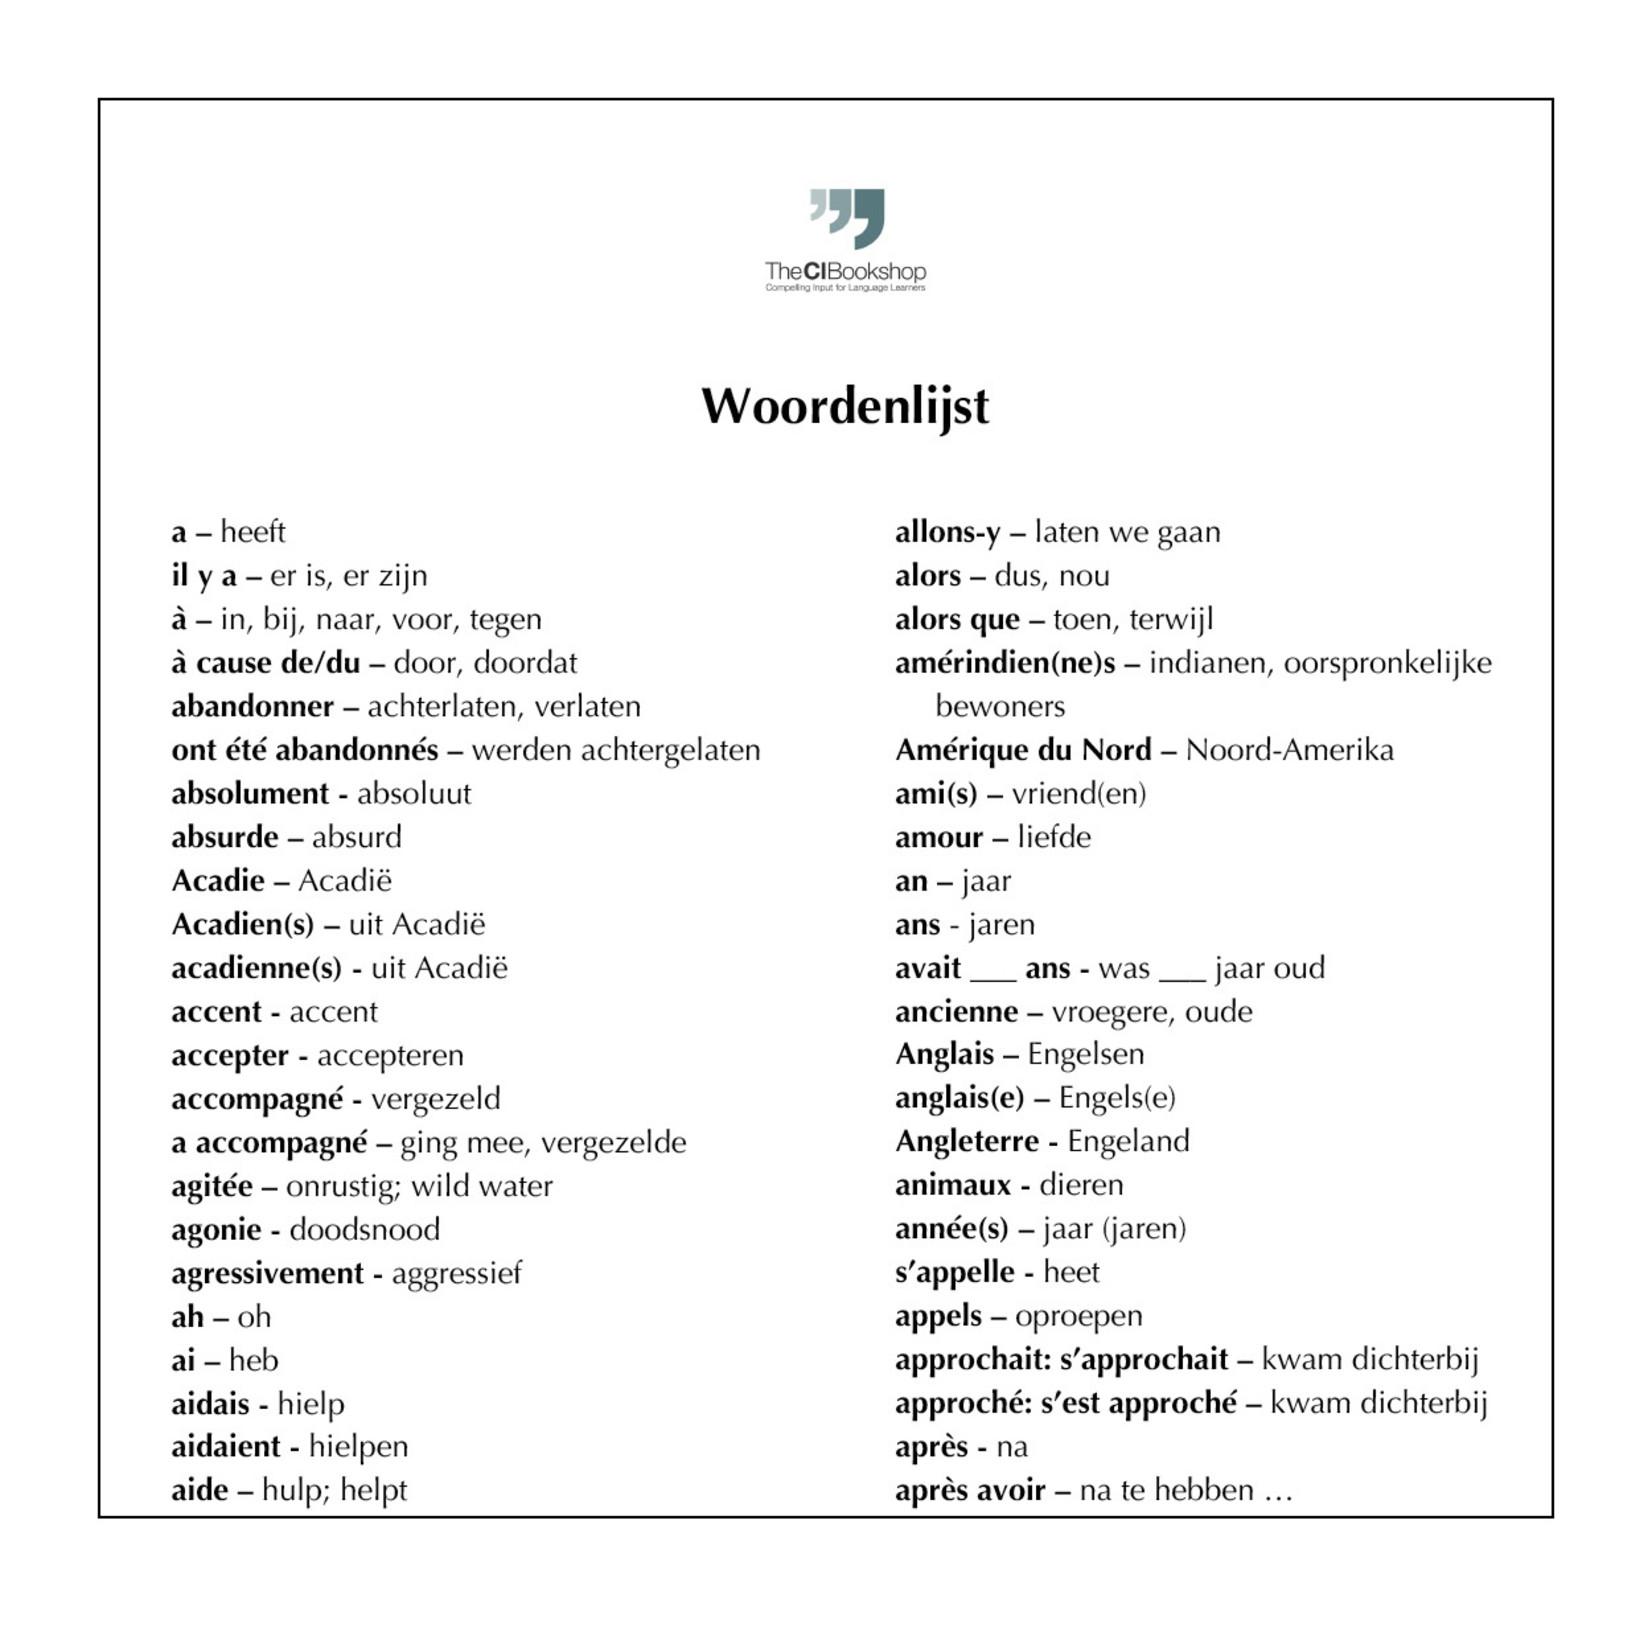 Dutch glossary for Jean-Paul et ses bonnes idées